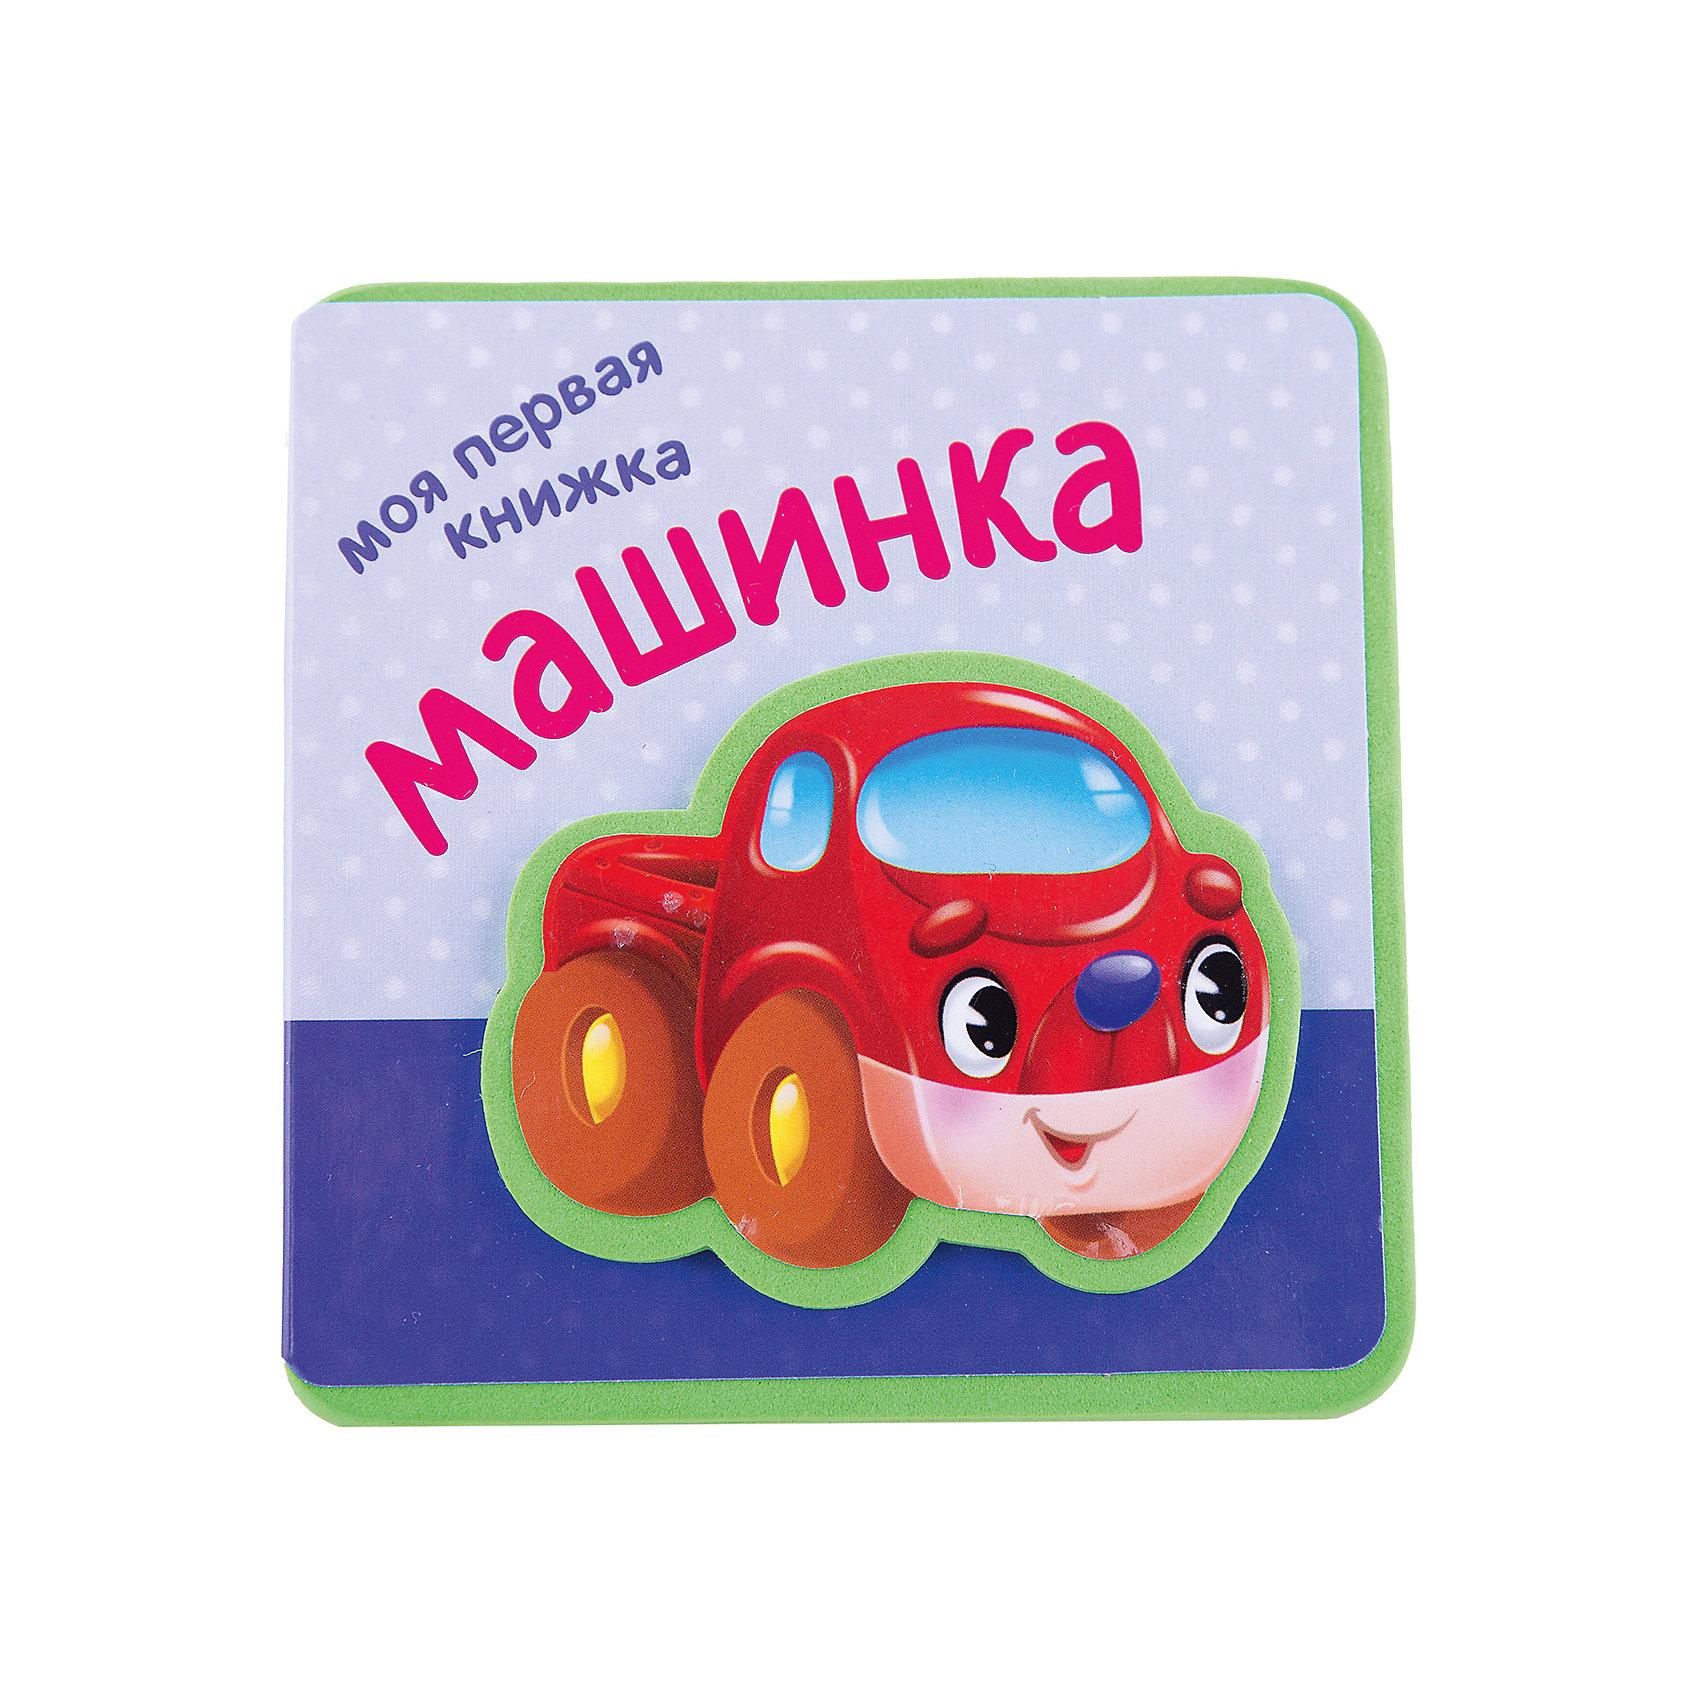 Моя первая книжка МашинкаХарактеристики книжки Машинка:<br><br>• возраст от: 6 мясяцев<br>• пол: для мальчиков<br>• упаковка: картонная коробка<br>• страницы: плотный картон, ЭВА.<br>• количество страниц: 8.<br>• размер книги: 10.5 x 10.5 см.<br>• иллюстрации: цветные.<br>• тип обложки: твердый.<br>• автор: Вилюнова В. А., Магай Н. А.<br>• бренд: Мозаика-Синтез<br>• страна происхождения: Россия.<br><br>Книжка-плюшка Машинка обладает такими нежным и мягкими страничками, что ее просто не хочется выпускать из рук! Ее невозможно будет случайно порвать, а яркие, крупные и красивые картинки легко увлекут малыша, и он просто не сможет от нее оторваться. Книги всегда приятно держать в руках, но такие - особенно!<br><br>Книжку Машинка от торговой марки Мозаика-Синтез можно купить в нашем интернет-магазине.<br><br>Ширина мм: 25<br>Глубина мм: 105<br>Высота мм: 105<br>Вес г: 55<br>Возраст от месяцев: 0<br>Возраст до месяцев: 36<br>Пол: Мужской<br>Возраст: Детский<br>SKU: 5362924